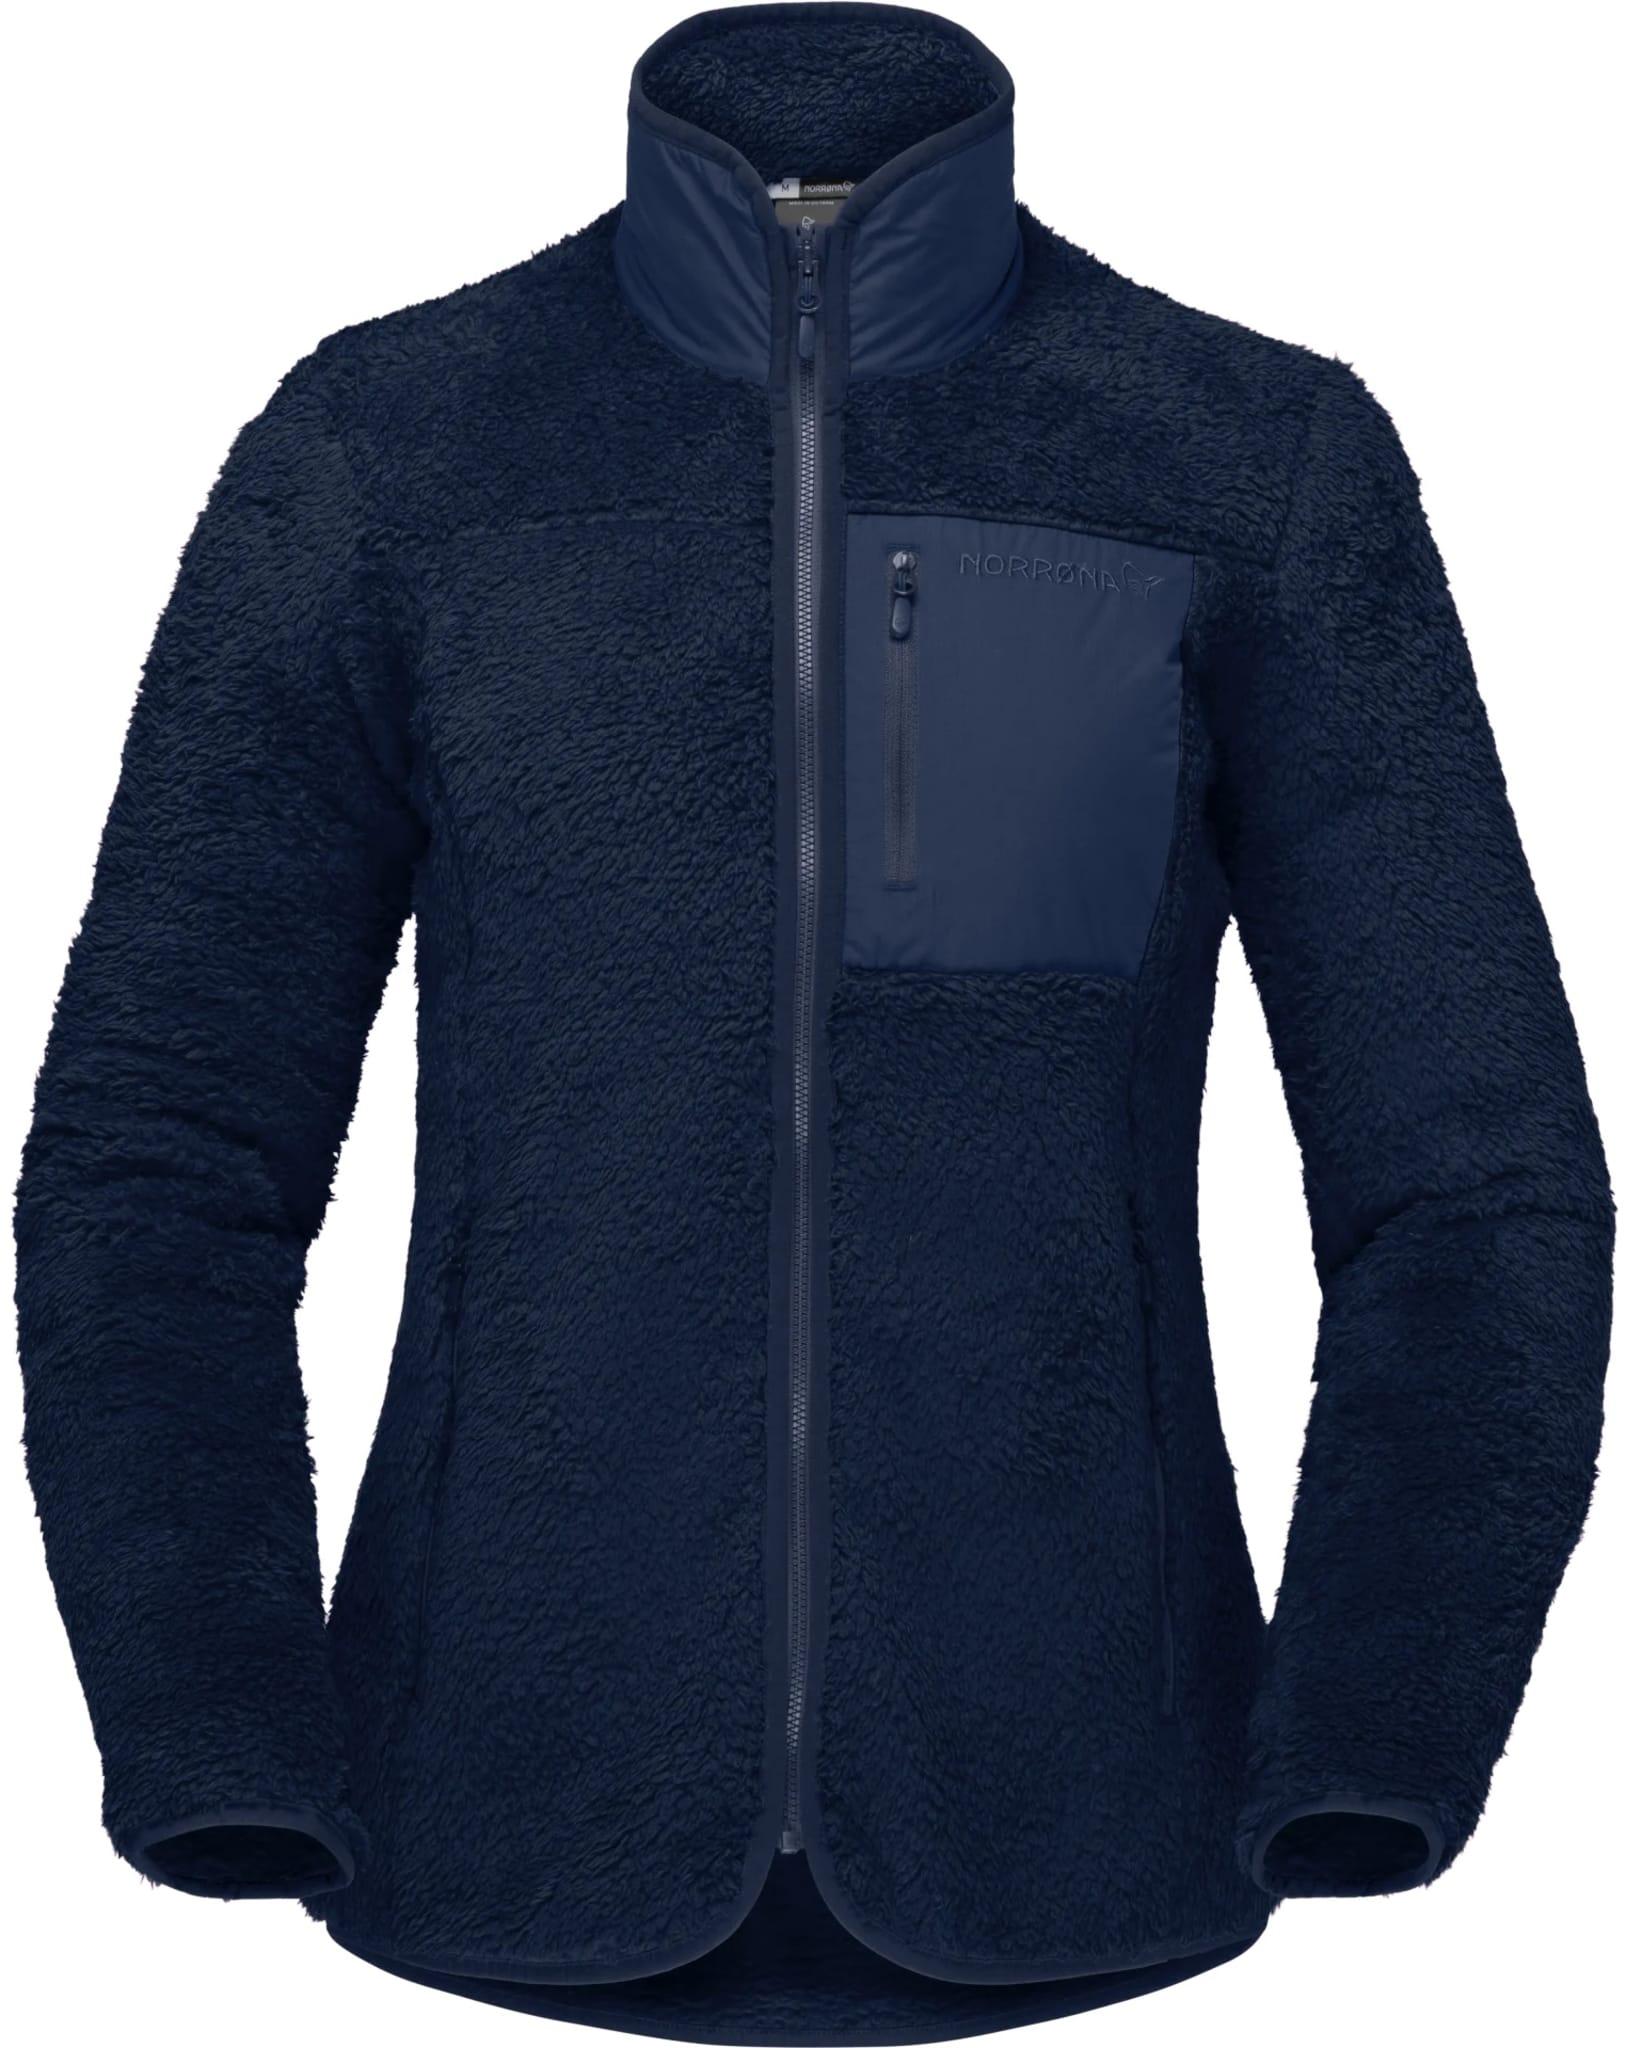 Warm3 Jacket W